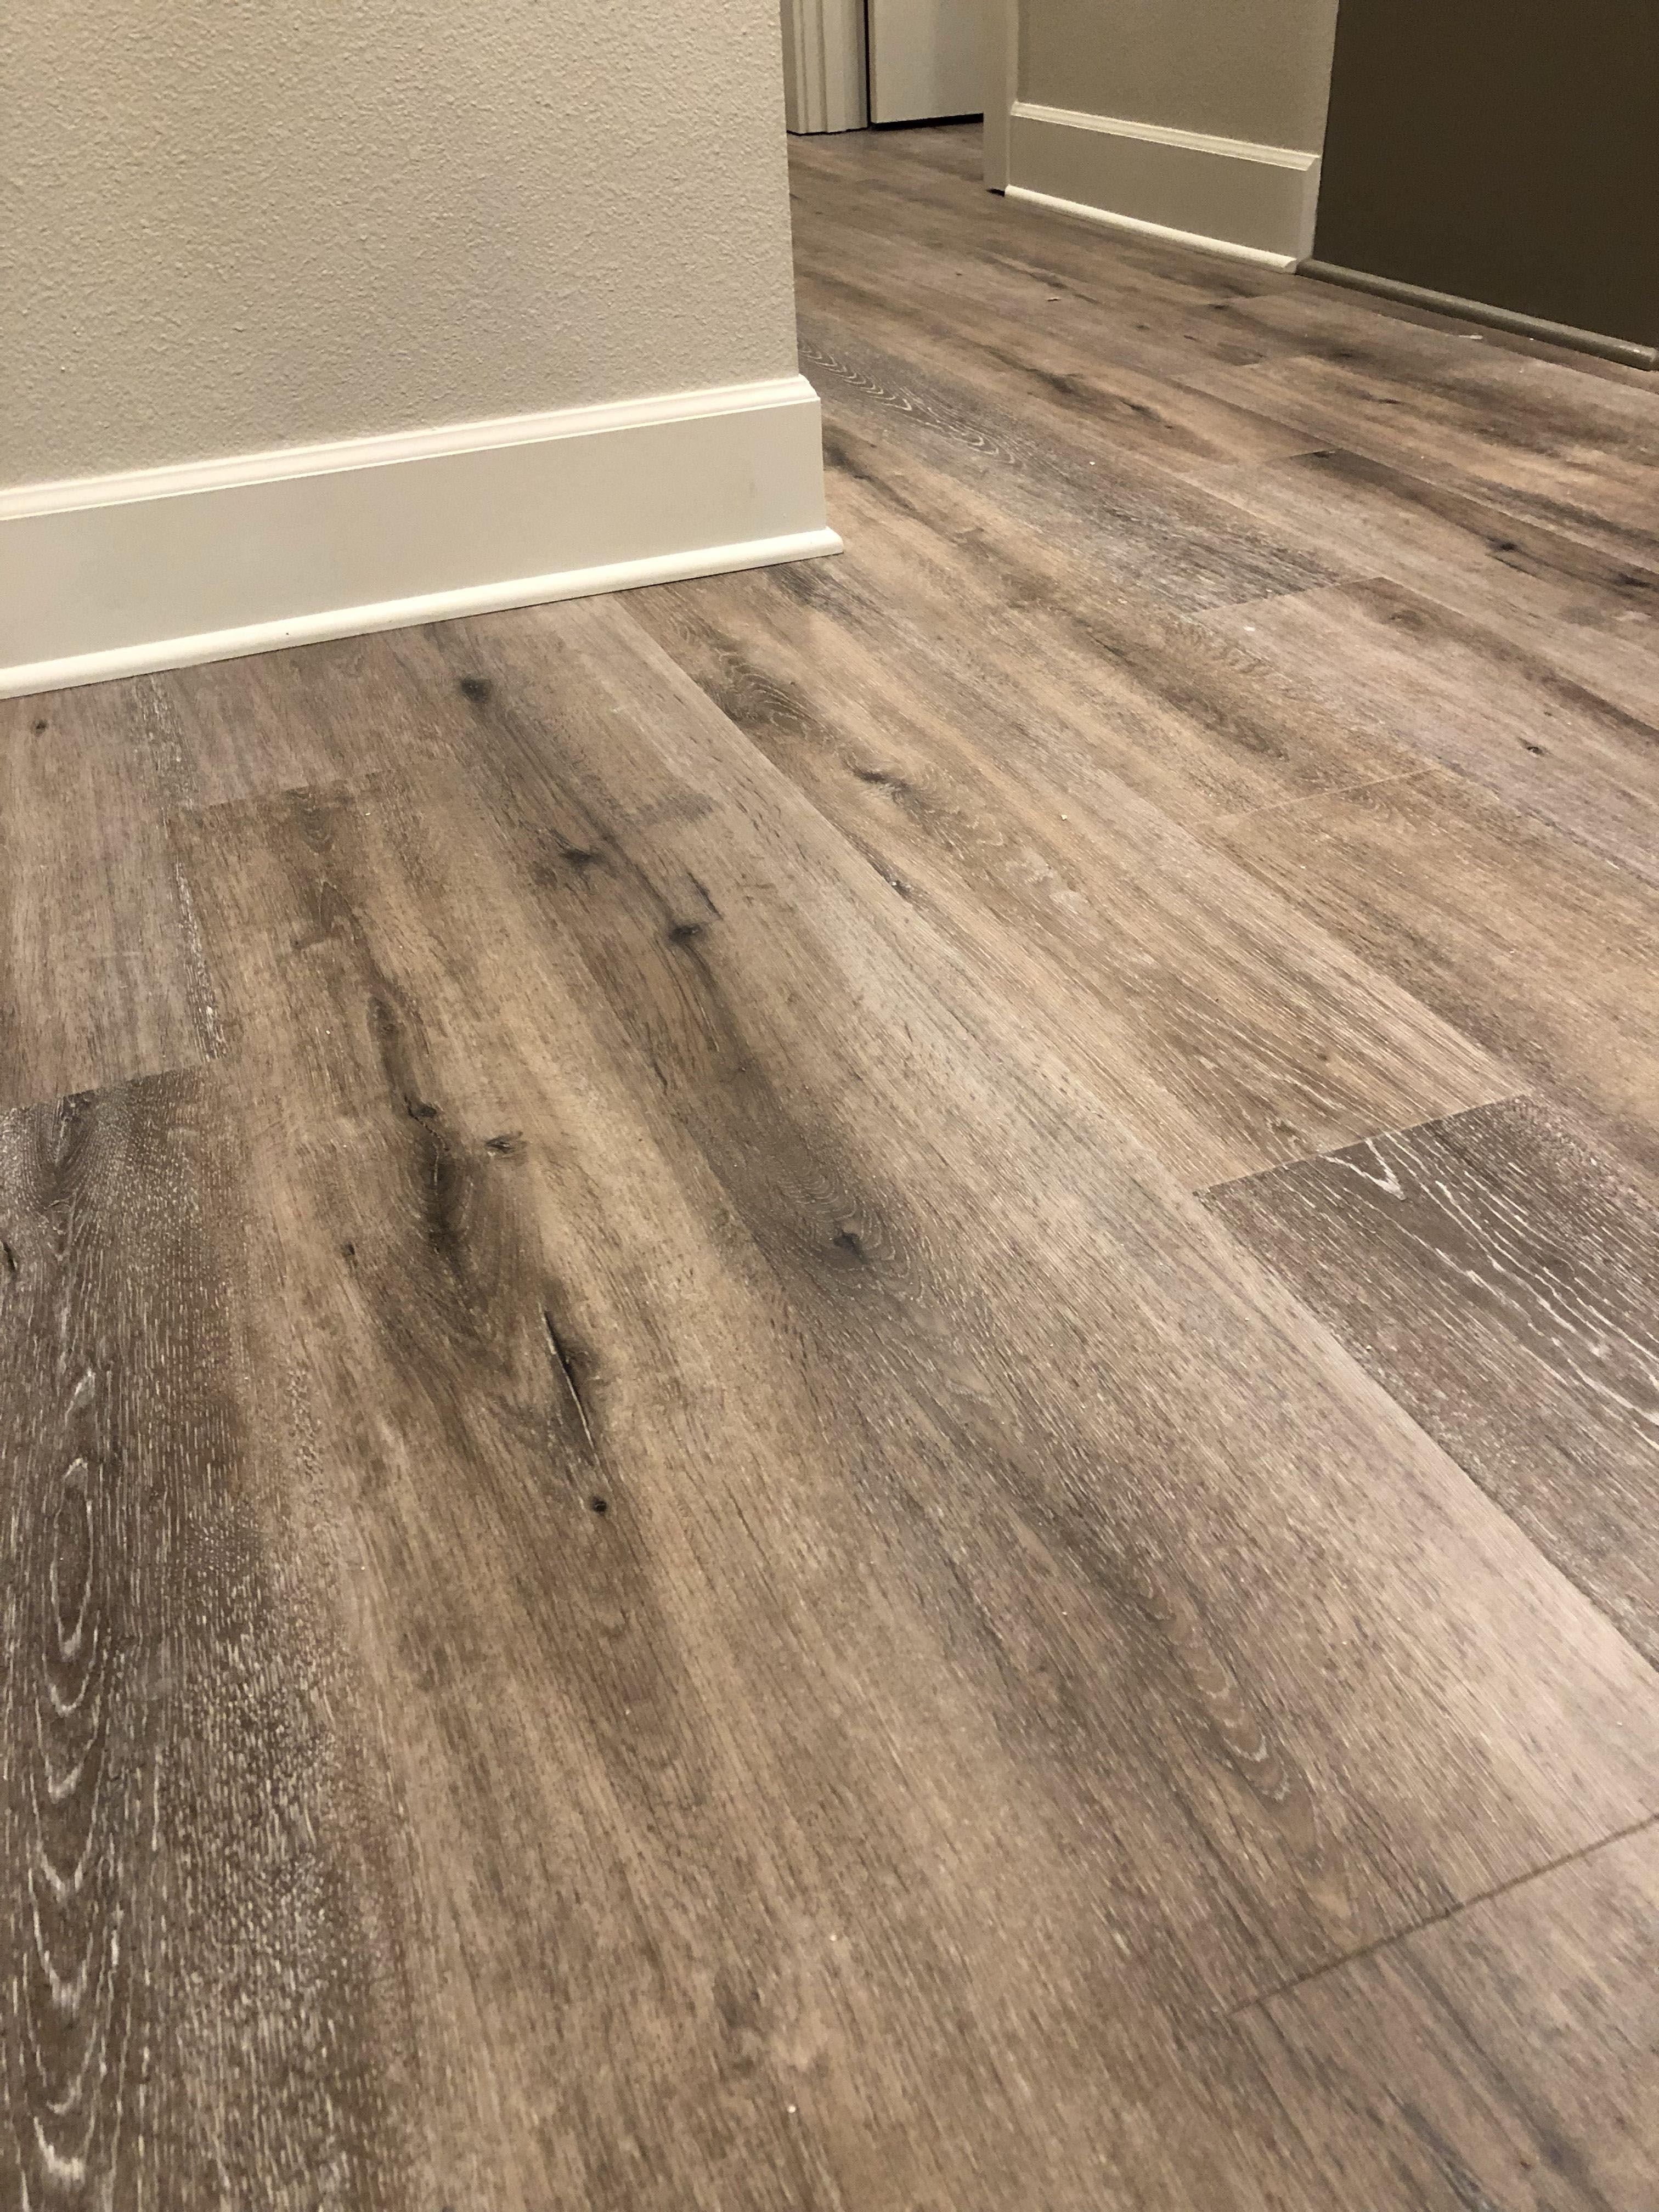 2019 Vinyl Flooring Trends Vinyl Plank Flooring Kitchen Vinyl Plank Flooring Basement Vinyl Plank Flooring